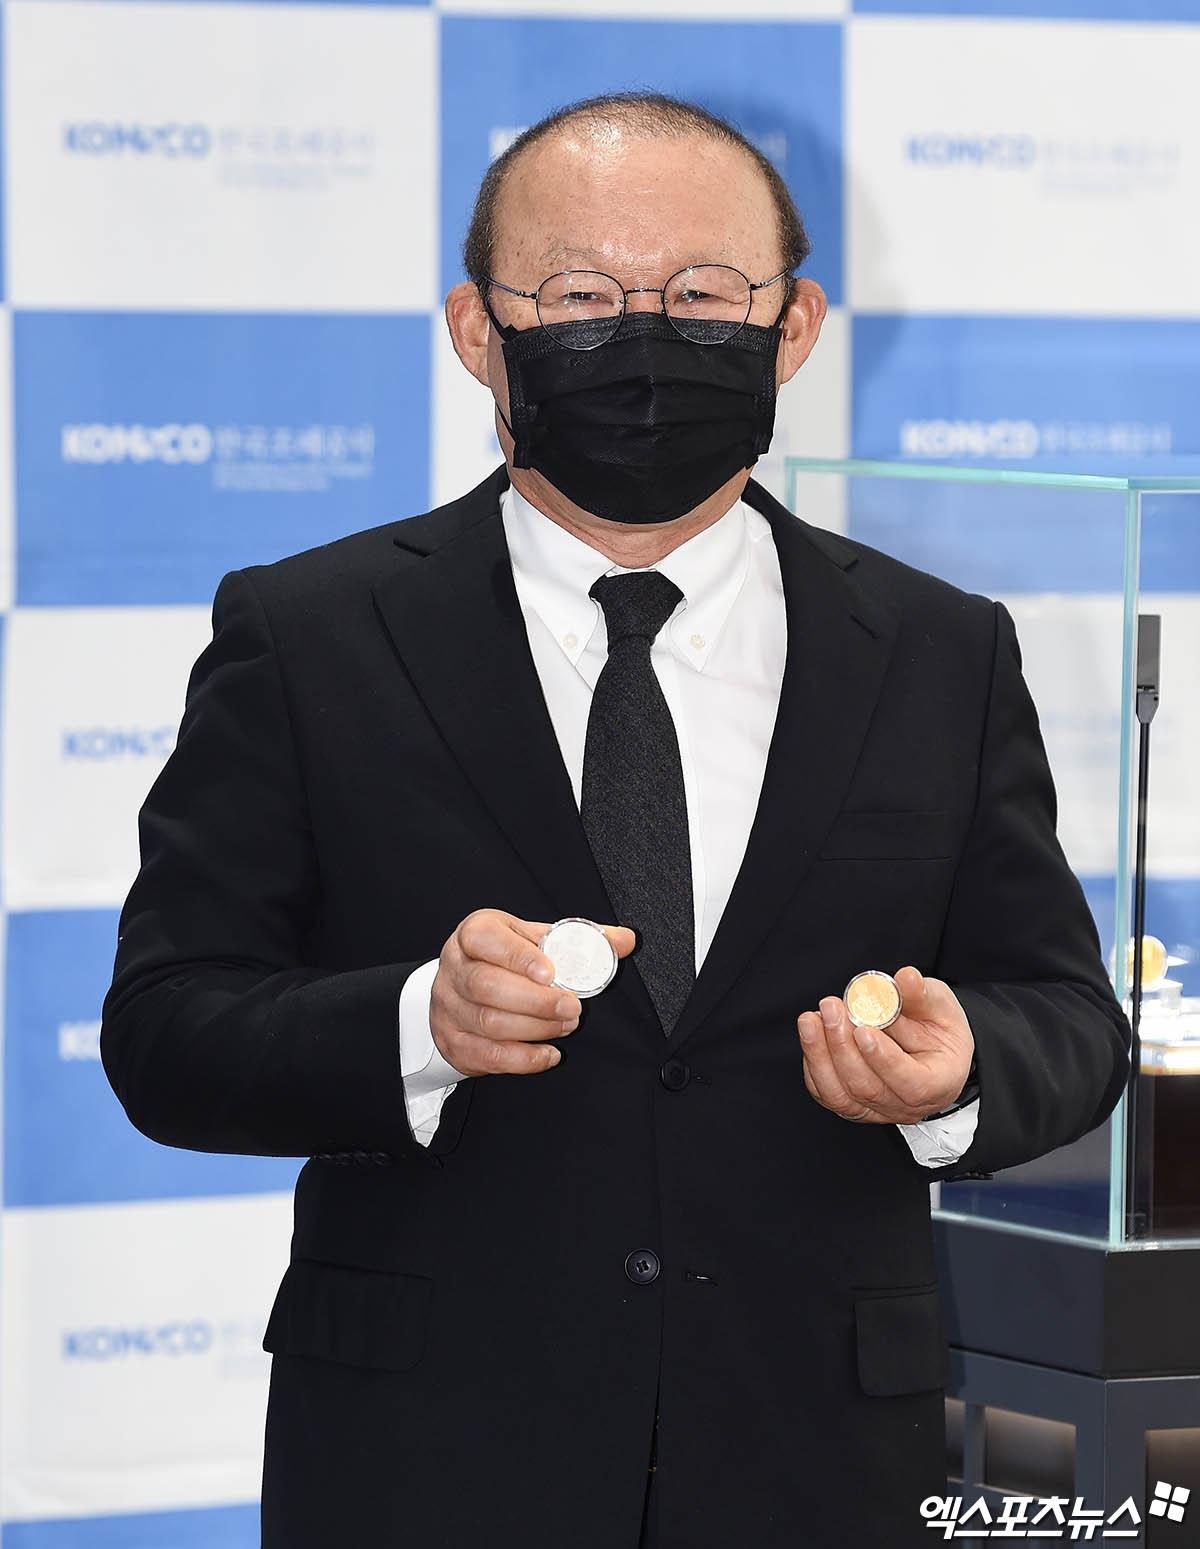 HLV Park Hang Seo tại lễ ra mắt kỷ niệm chương vào sáng nay (1/2) - (Ảnh: News1).